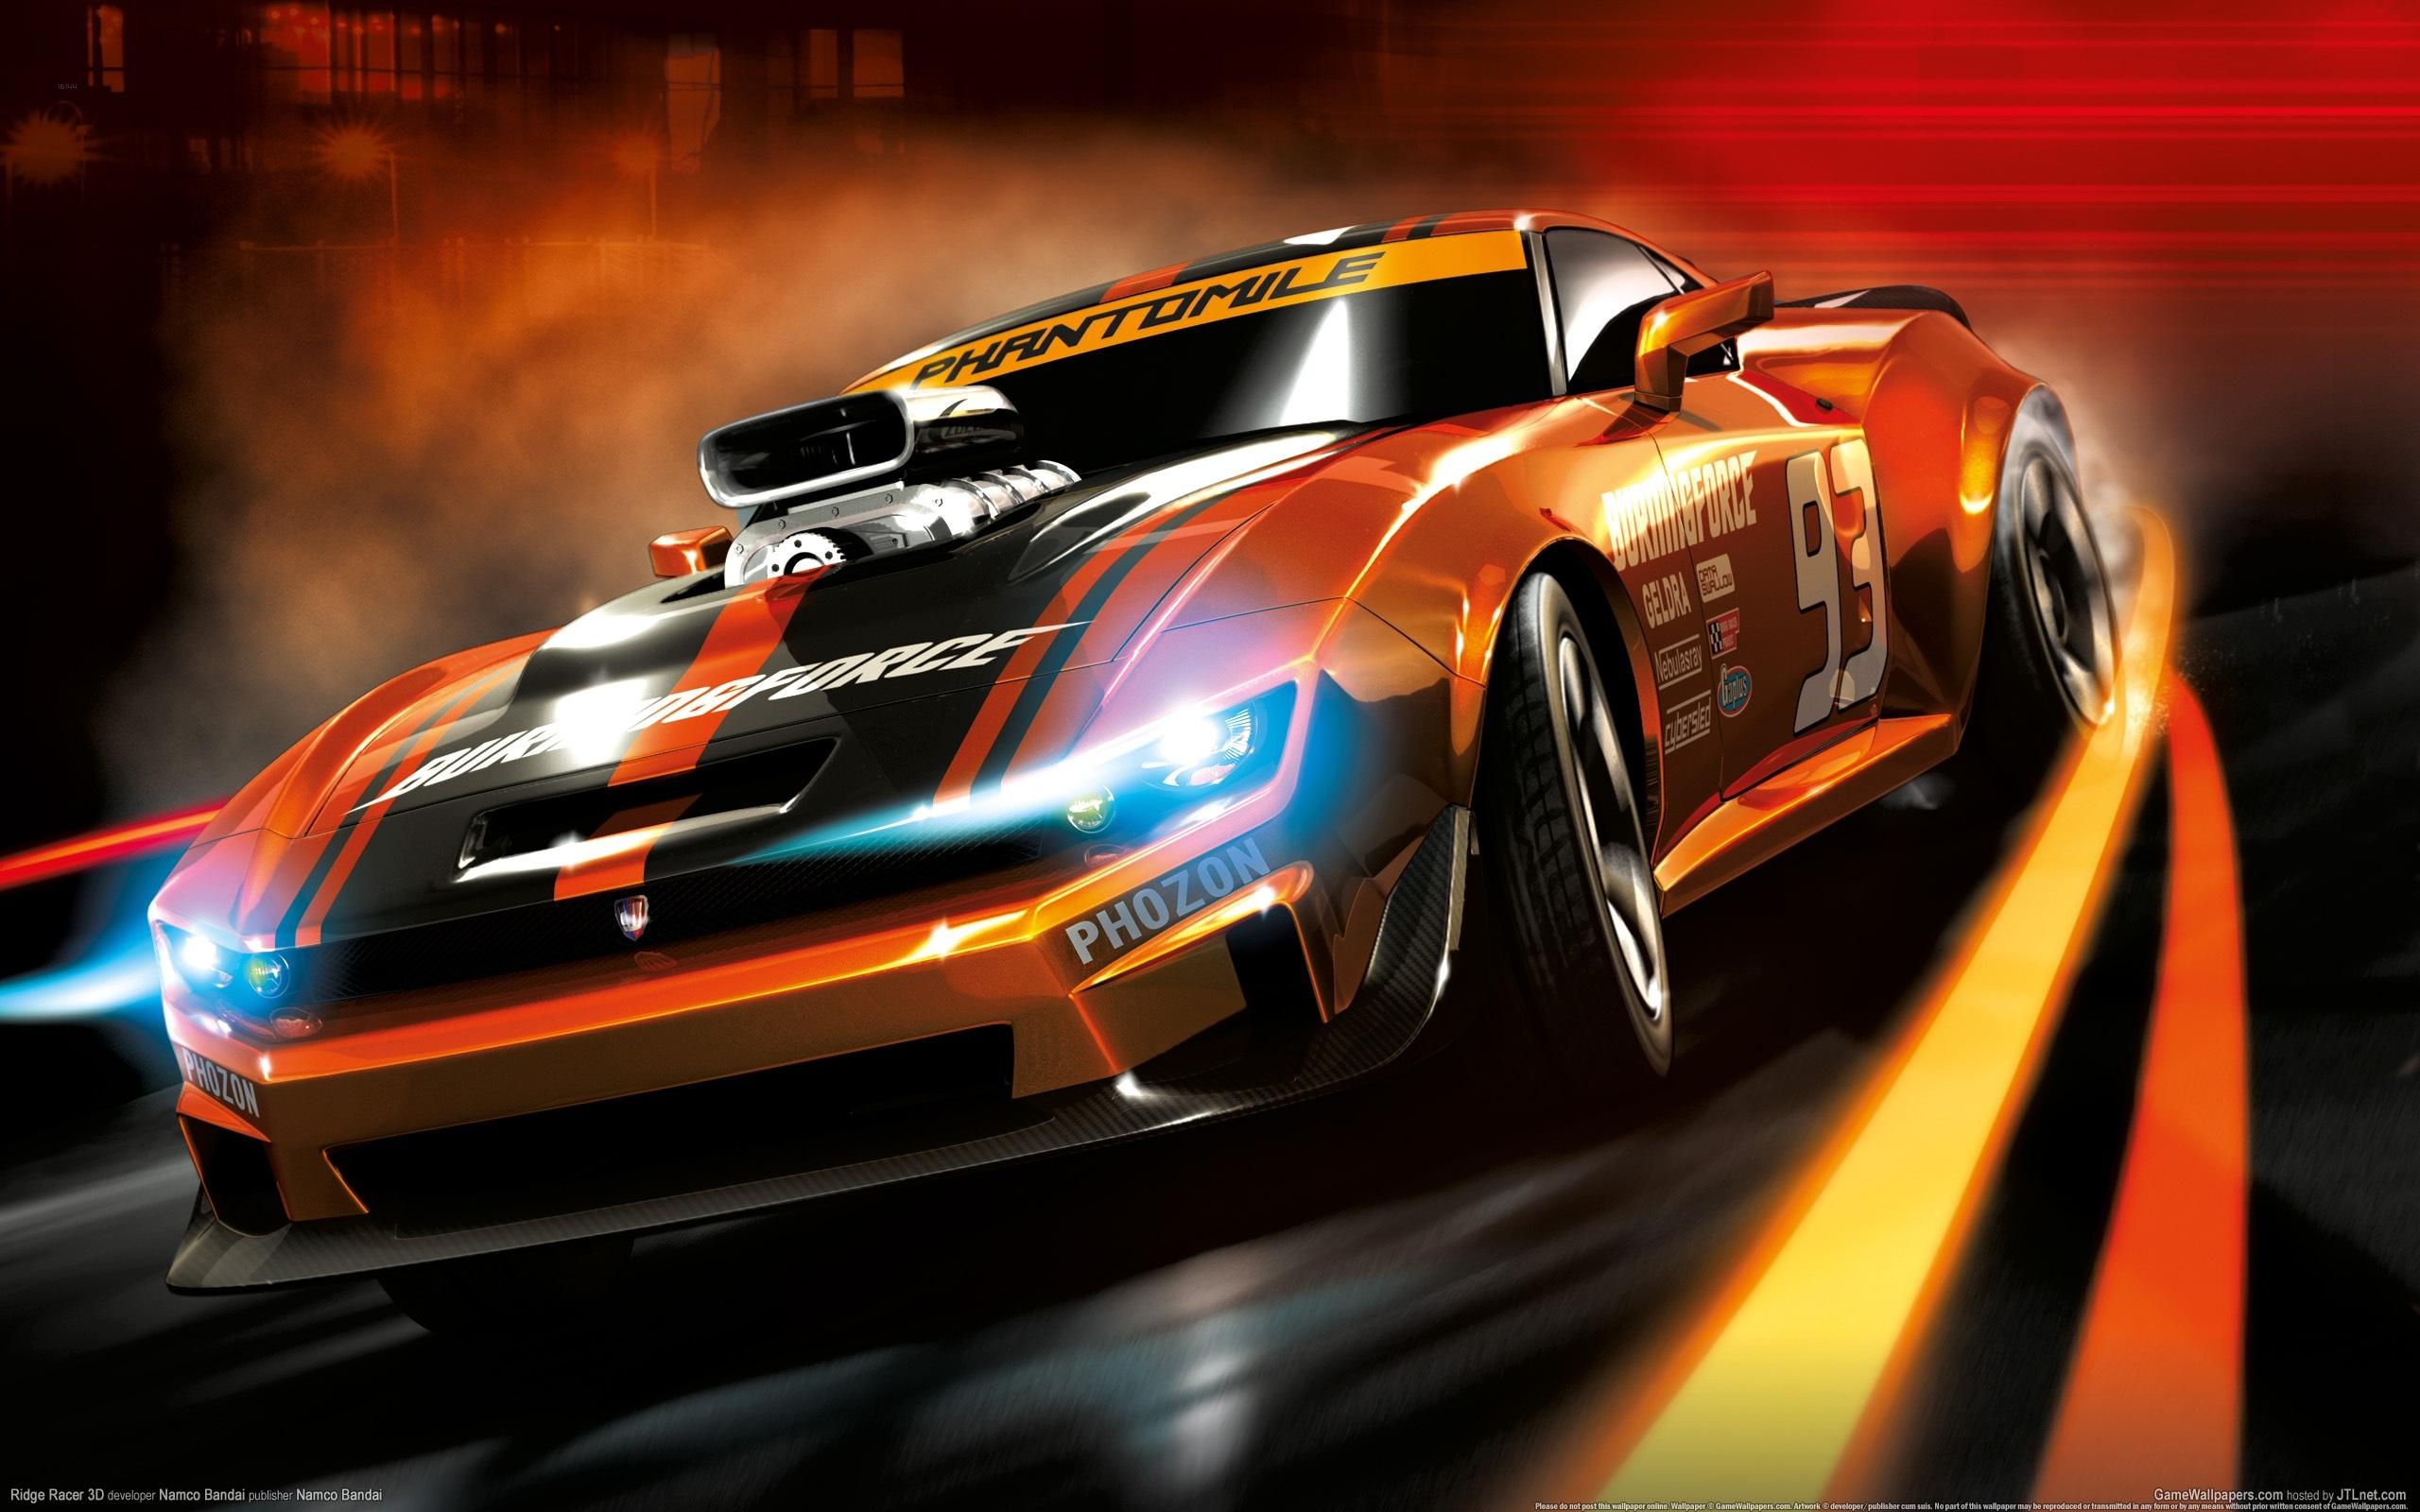 Imagenes De Autos Para Fondo De Pantalla En 3d: Ridge Racer 3D HD 2560x1600 HD Hintergrundbilder, HD, Bild